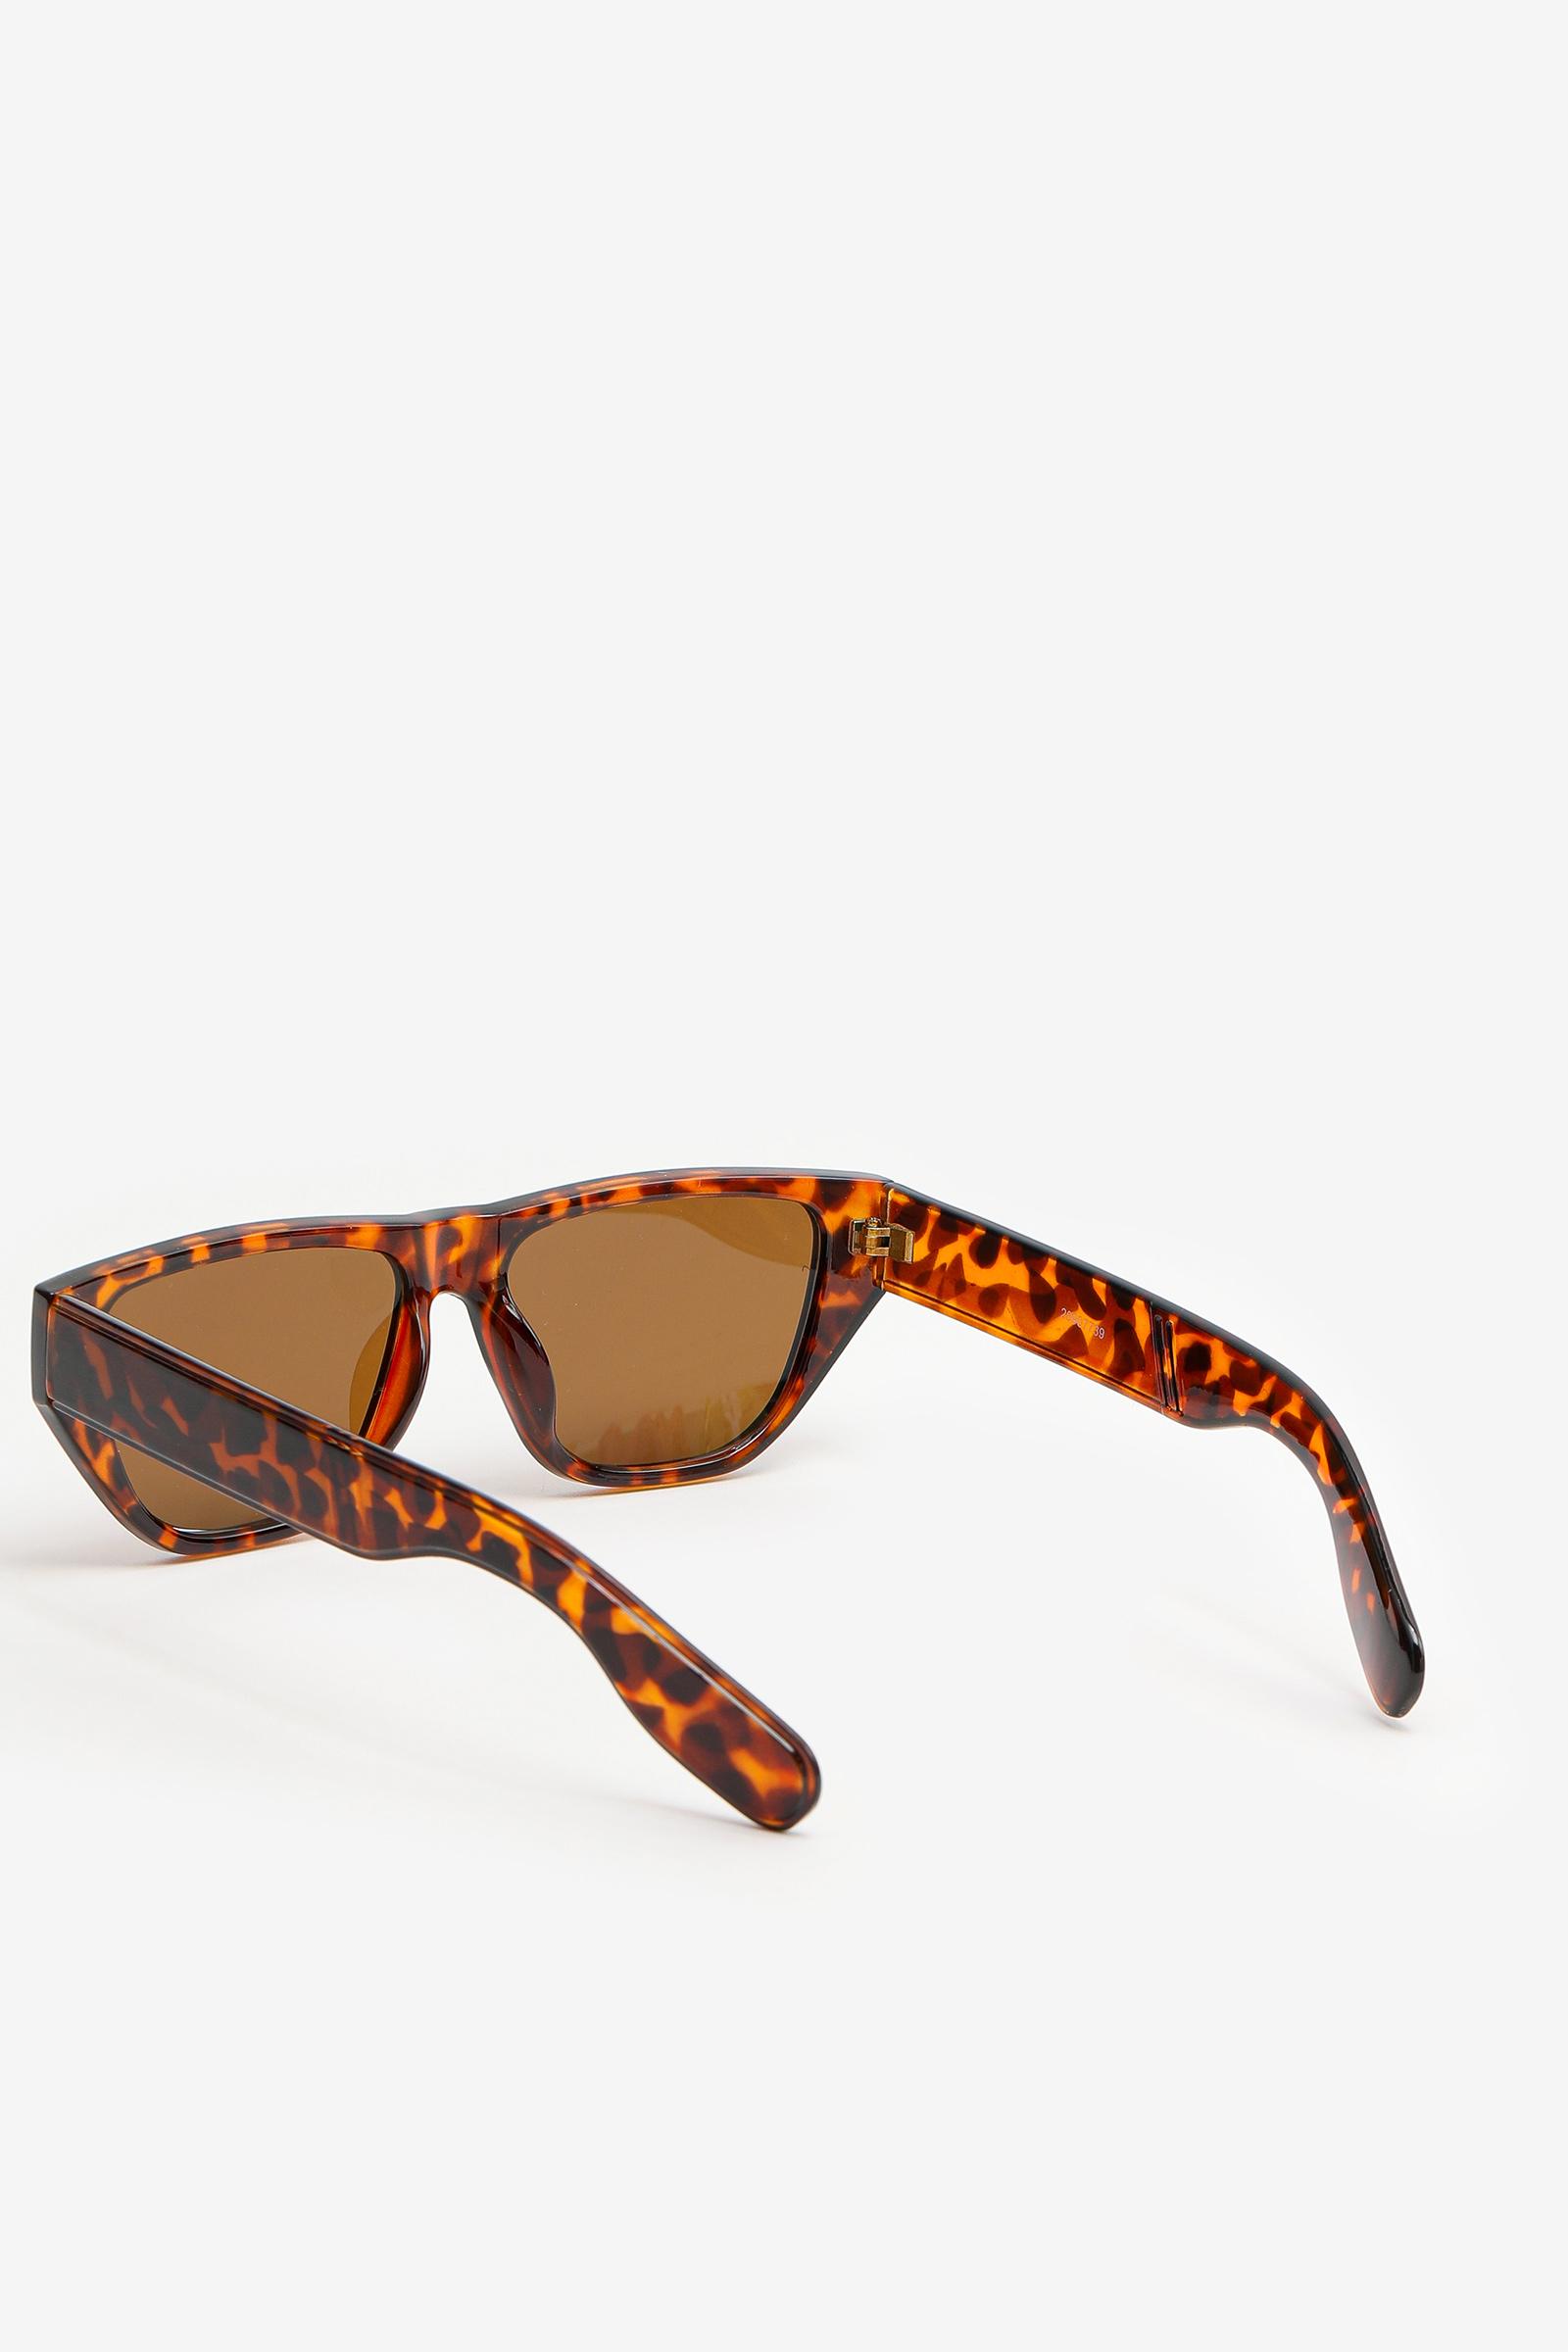 Round Retro Plastic Sunglasses